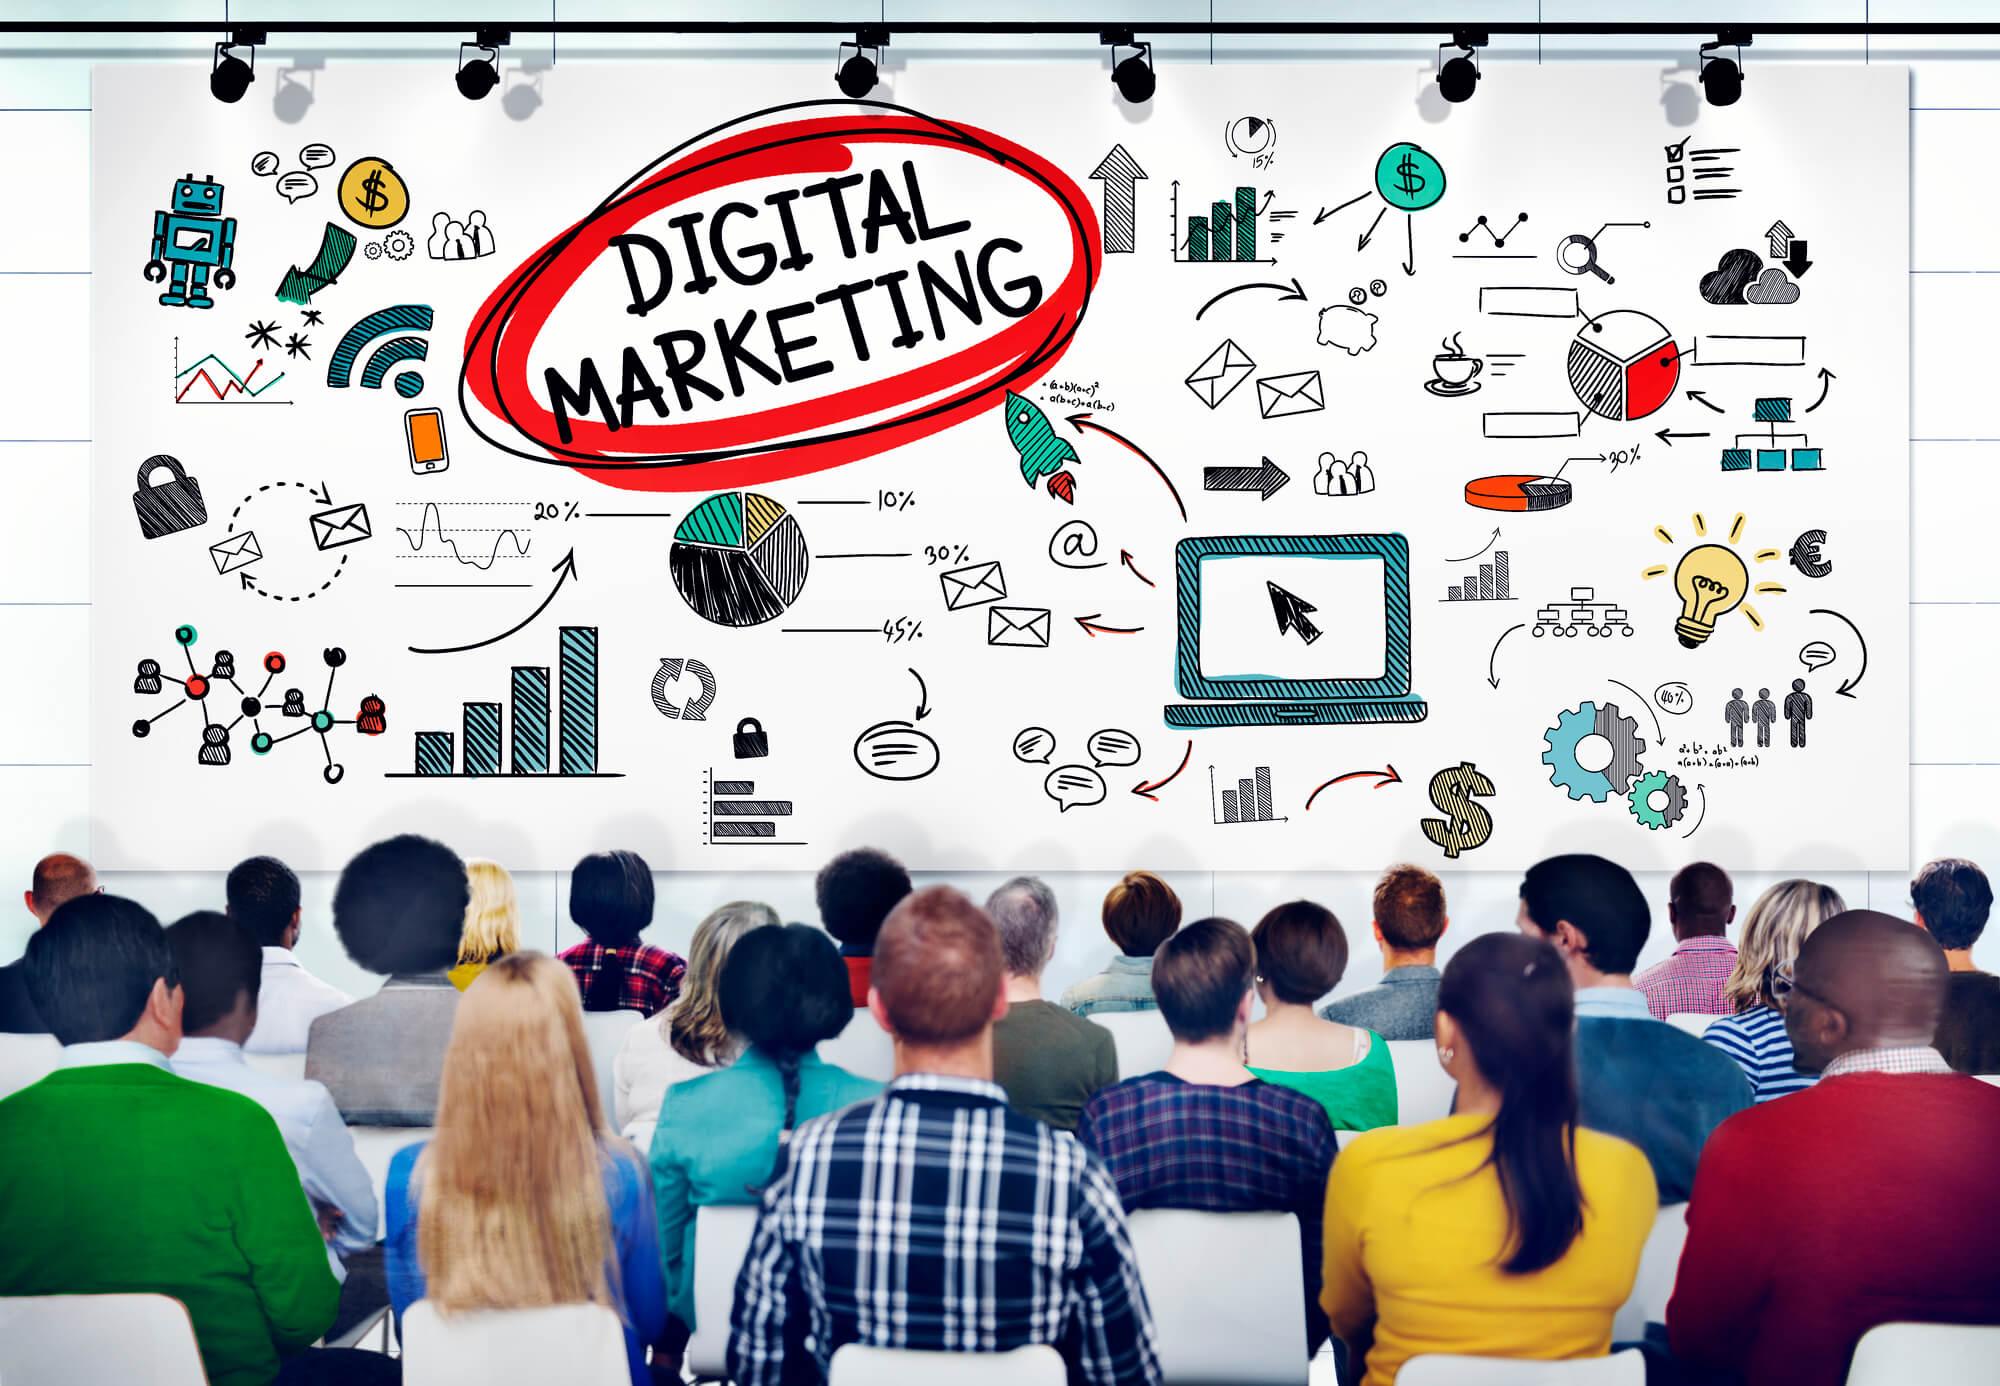 people-looking-at-digital-marketing